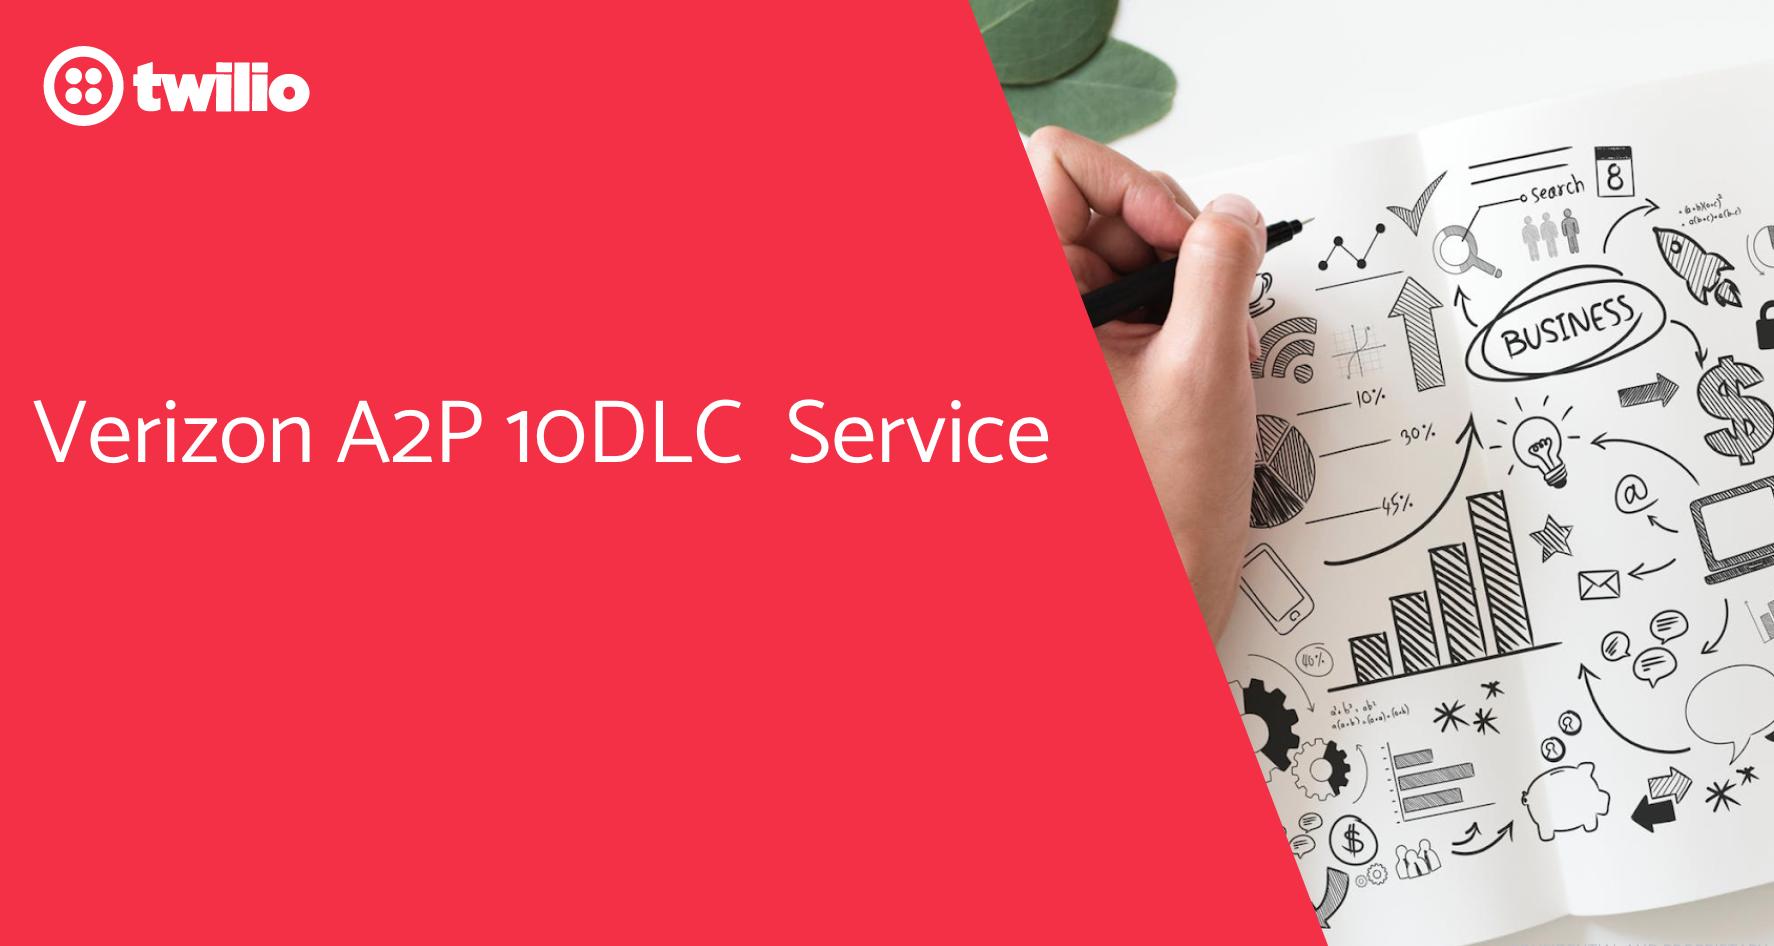 What you should know about Verizon's A2P 10DLC Service - Twilio